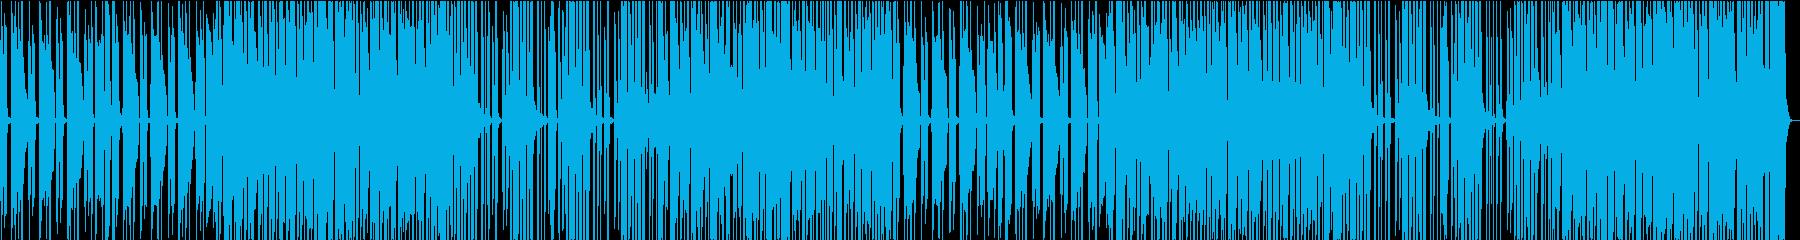 少し間の抜けたようなサウンドのBGMの再生済みの波形